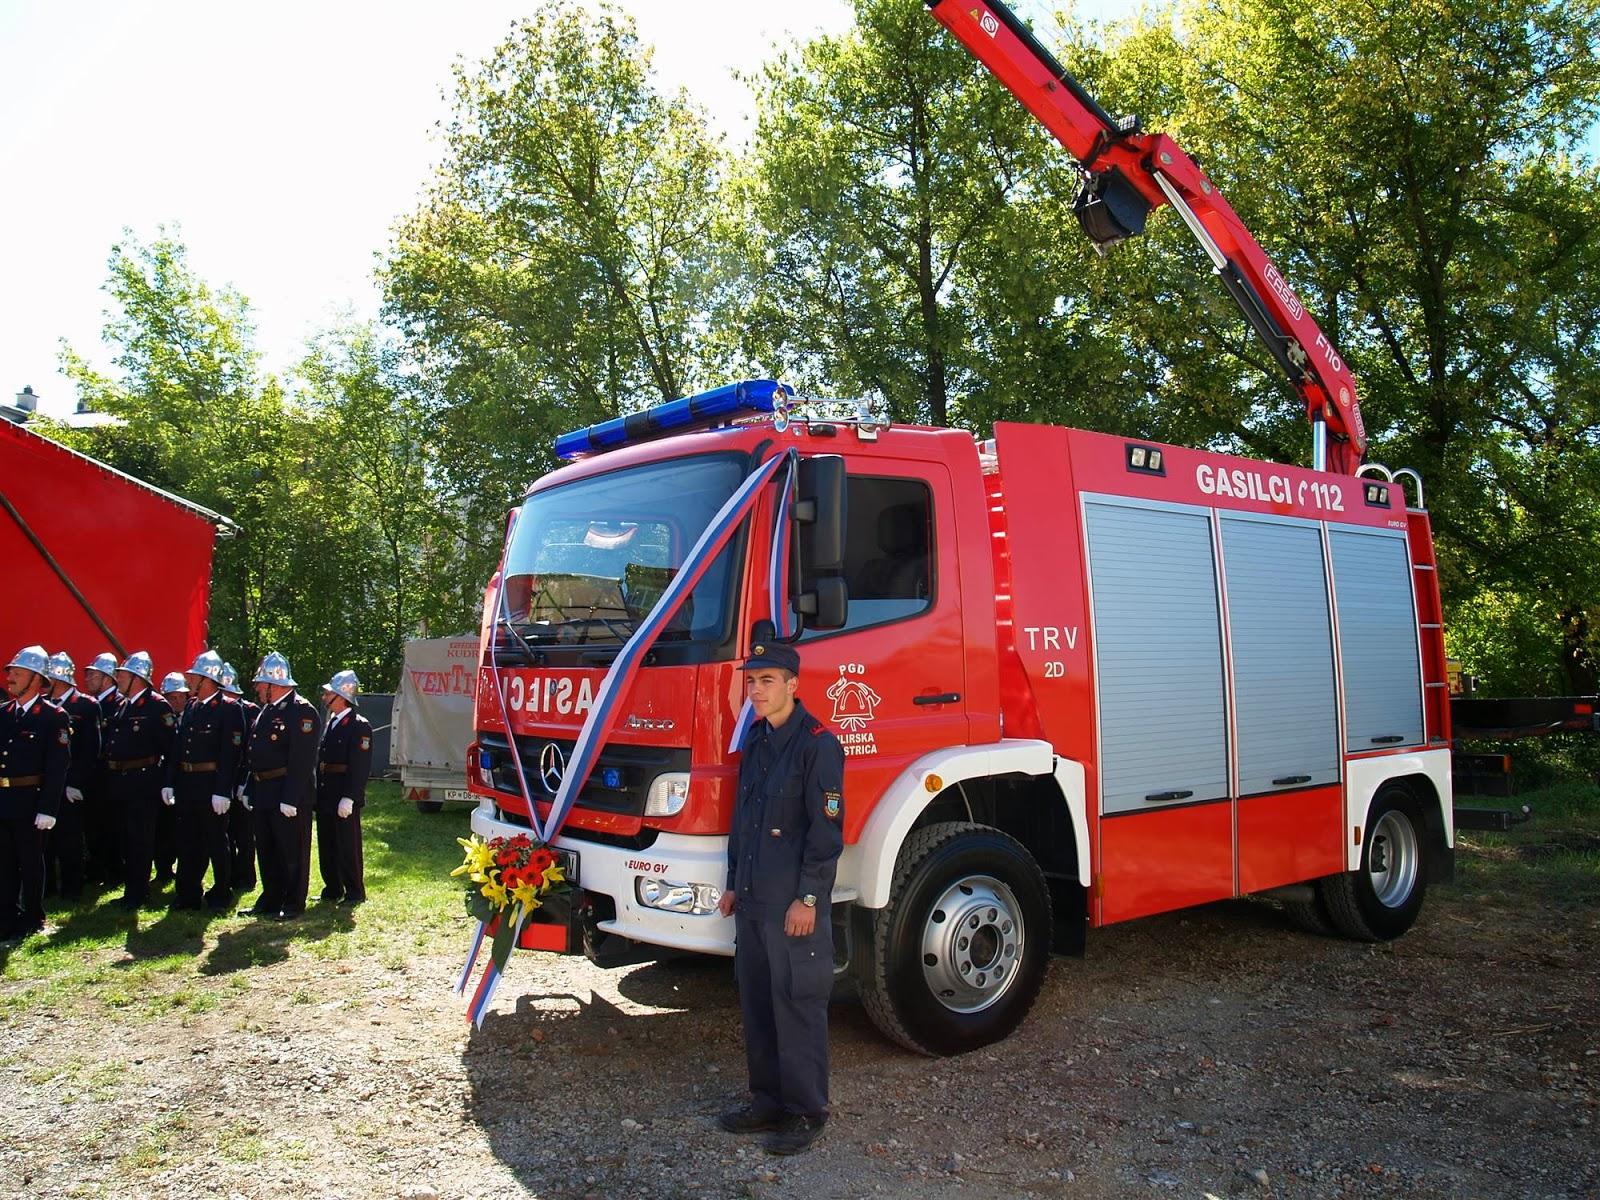 Gasilska parada, Ilirska Bistrica 2006 - P0103576.JPG